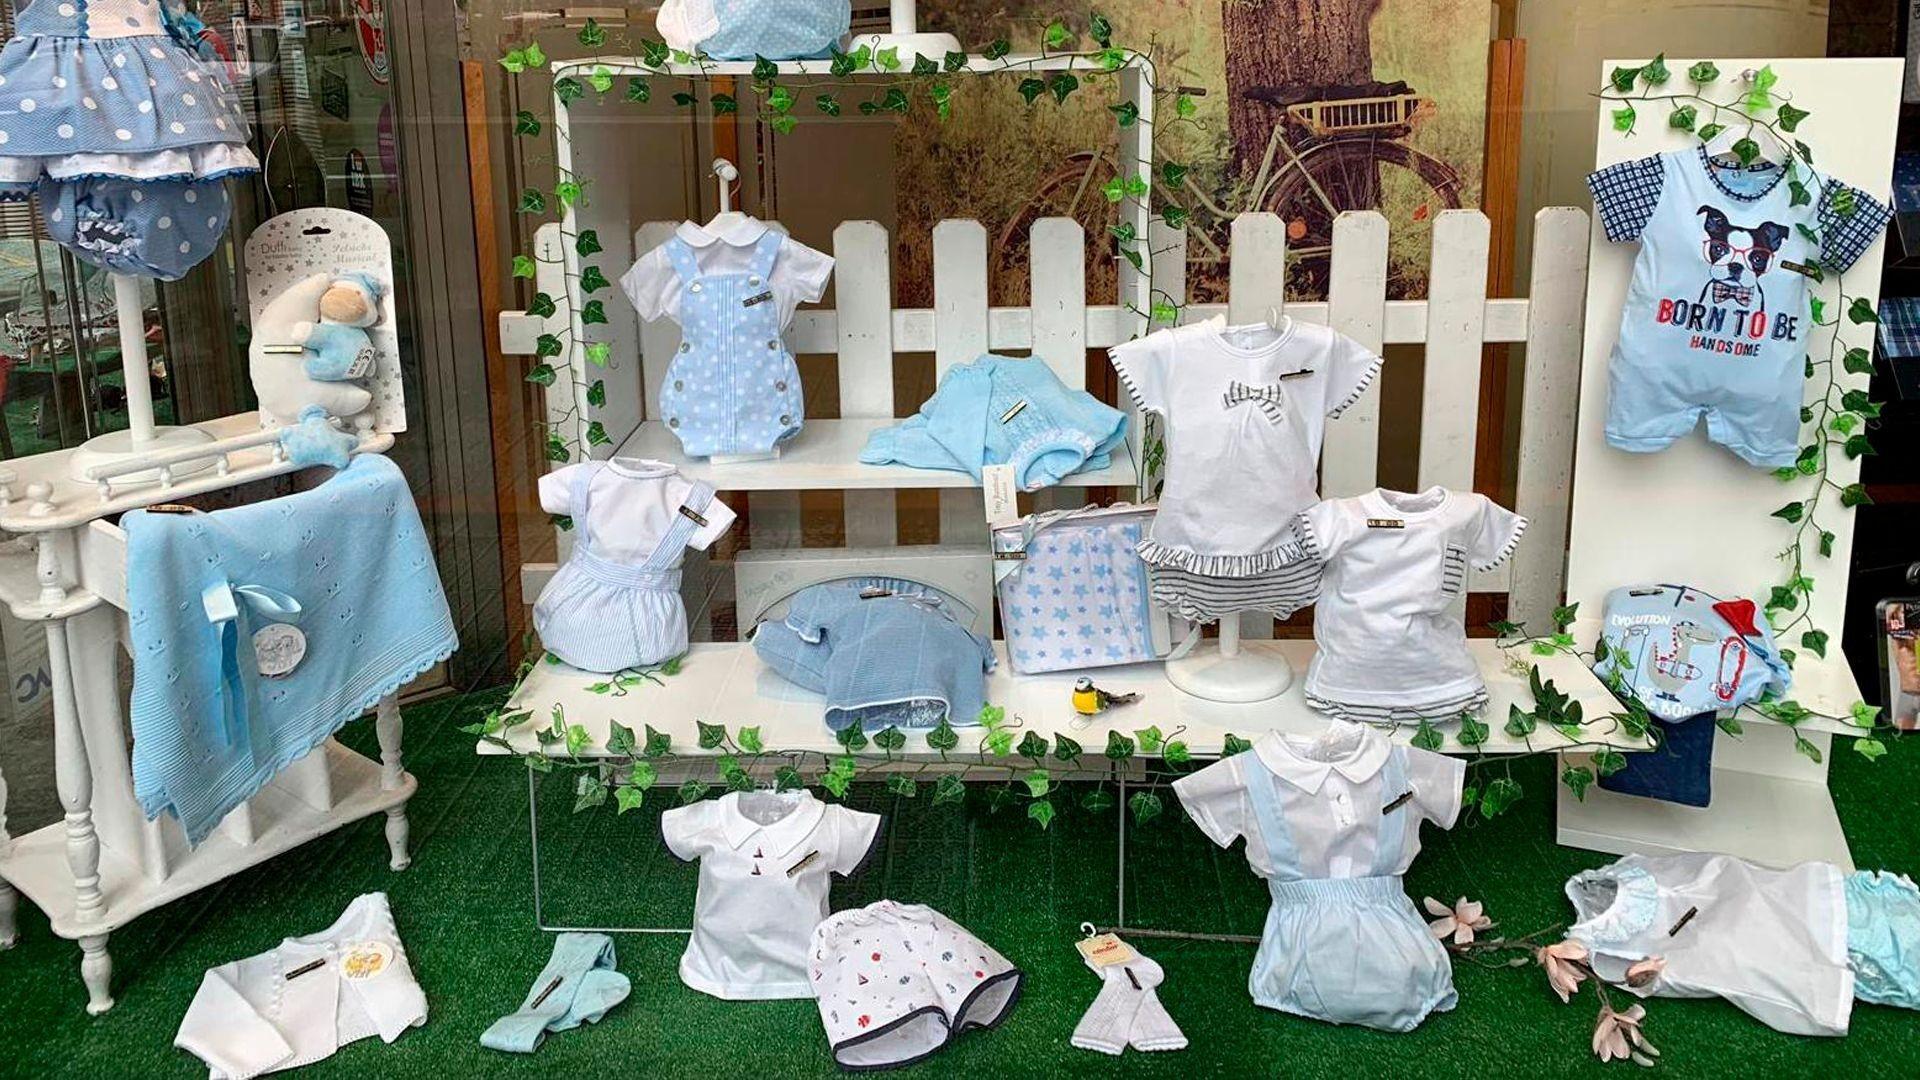 Tienda de ropa de bebé en Bilbao